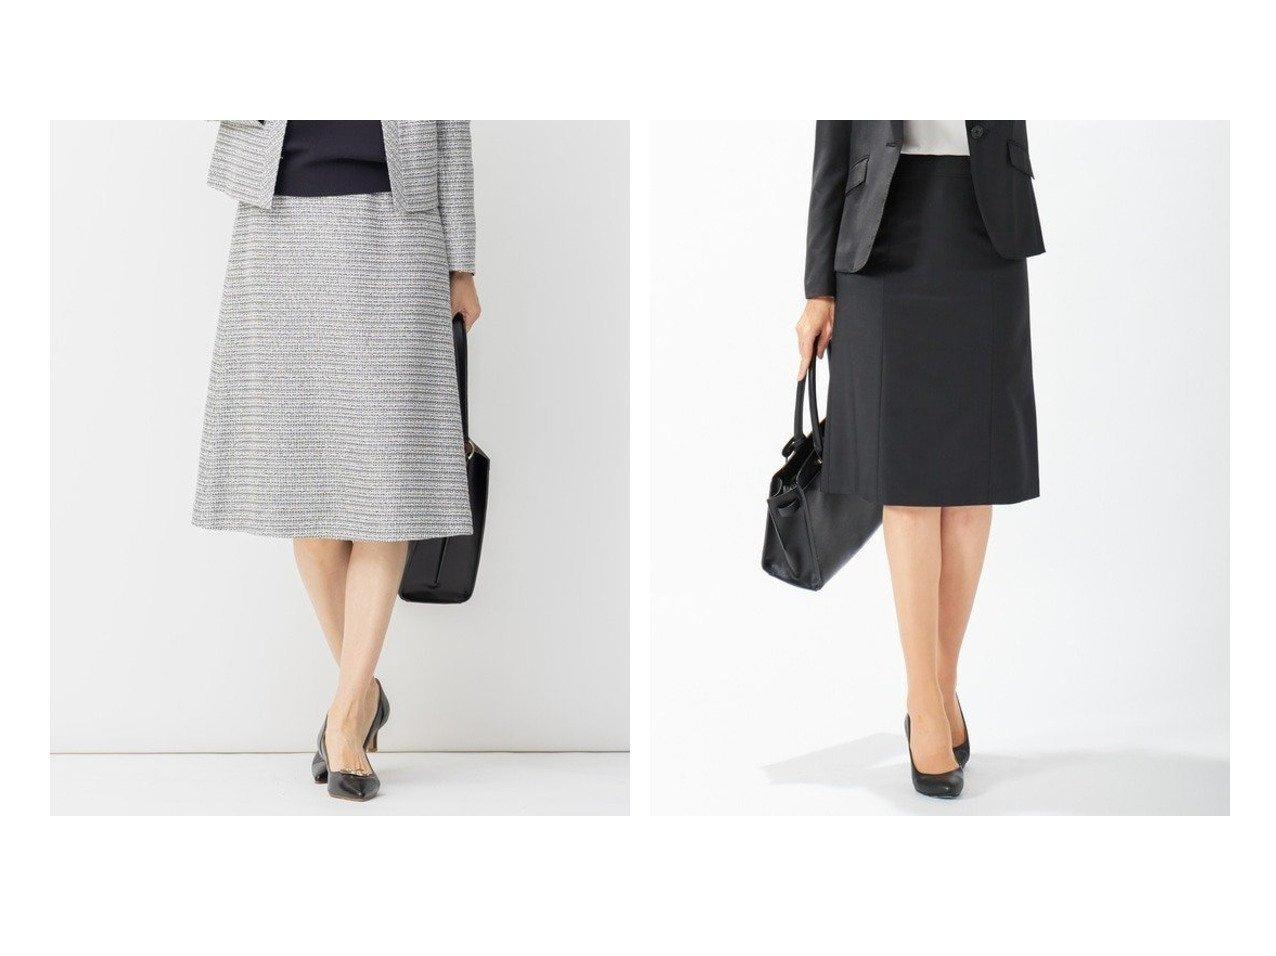 【JIYU-KU/自由区】の【Sサイズ有】カラミ ツイード スカート&【J.PRESS/ジェイ プレス】の【スーツ対応】BAHARIYE NEW スカート スカートのおすすめ!人気、トレンド・レディースファッションの通販  おすすめで人気の流行・トレンド、ファッションの通販商品 メンズファッション・キッズファッション・インテリア・家具・レディースファッション・服の通販 founy(ファニー) https://founy.com/ ファッション Fashion レディースファッション WOMEN スカート Skirt スーツ Suits スーツ スカート Skirt サテン シンプル ツイード トリミング 定番 モノトーン 送料無料 Free Shipping |ID:crp329100000009751